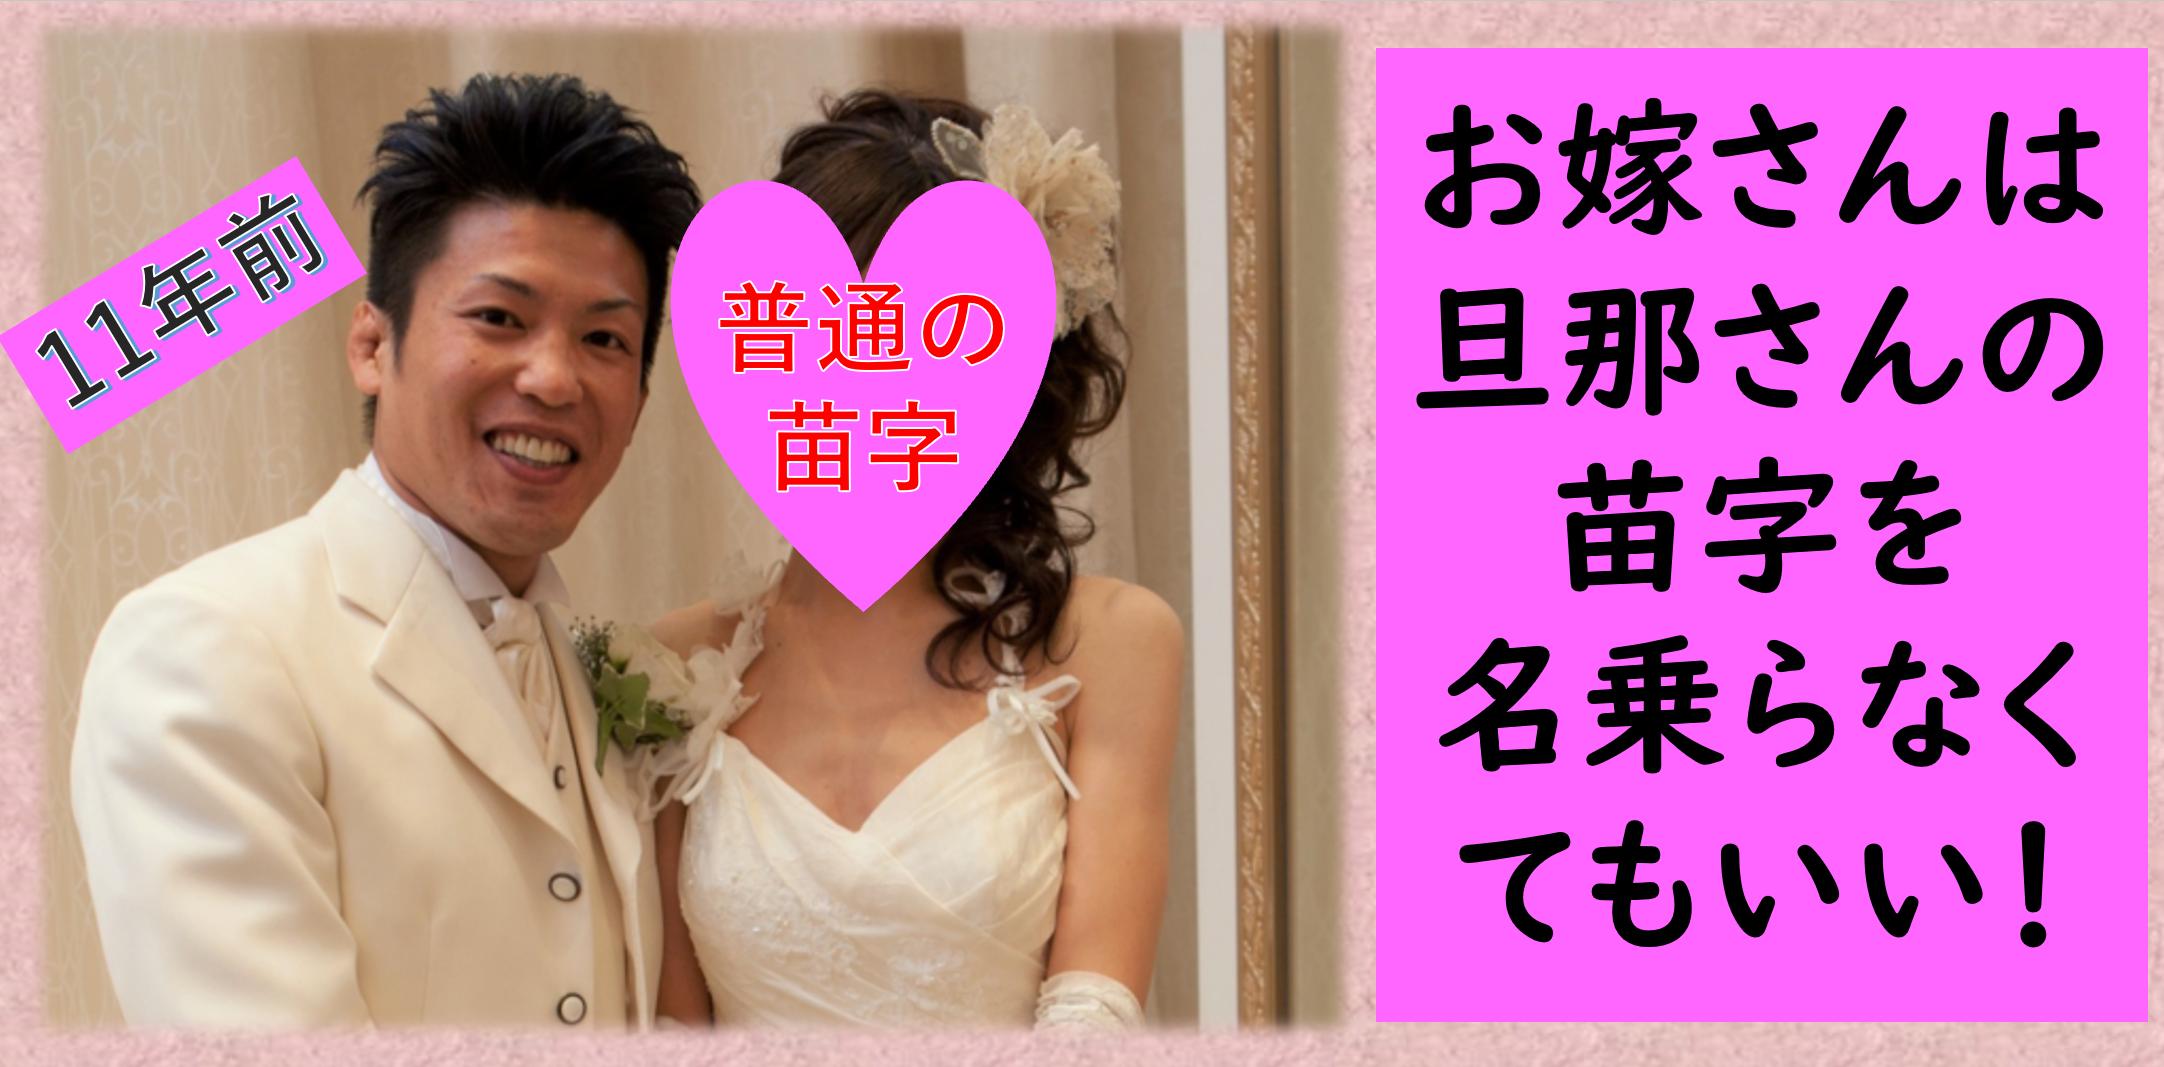 サムネ お嫁さんは旦那さんの名字を名乗らなくてもいい 堀米選手 金メダル